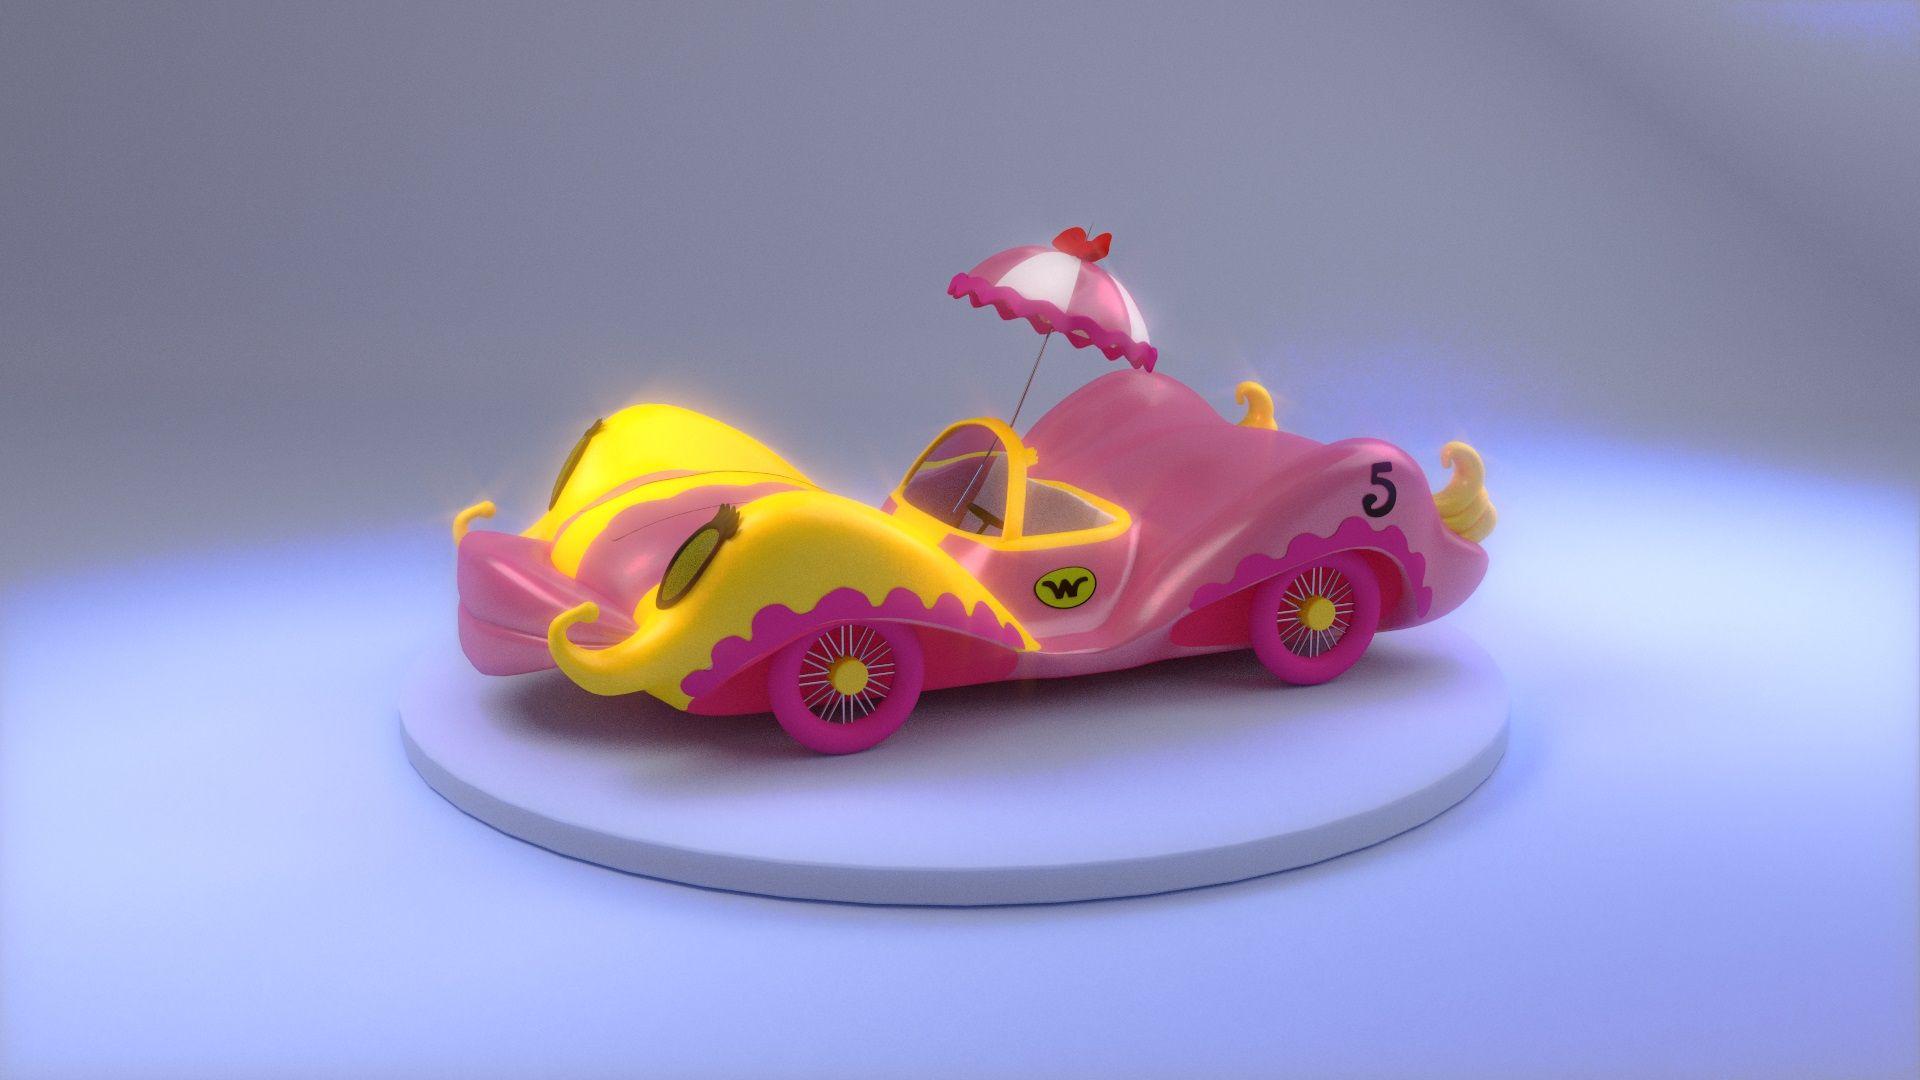 Los Autos Locos - Wacky Races _ soliman-05-el_compact_pussycat.jpg